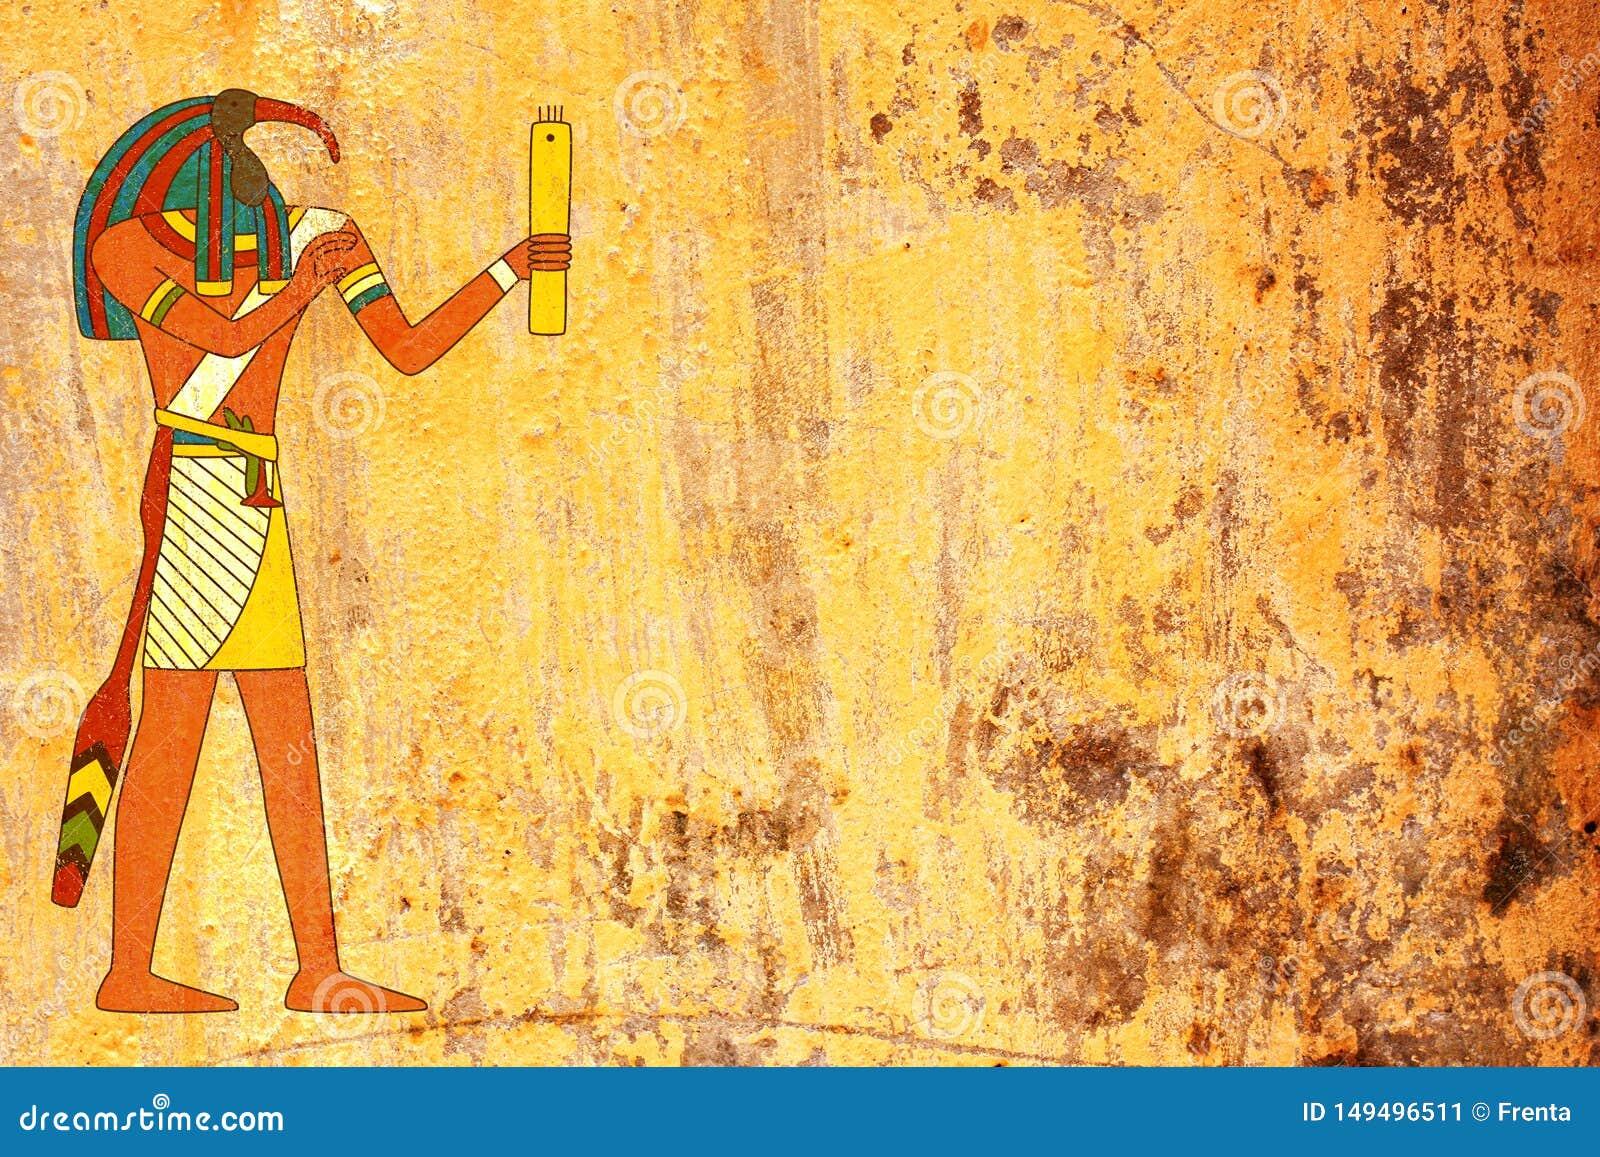 Fondo del Grunge con la imagen egipcia de Toth de dios